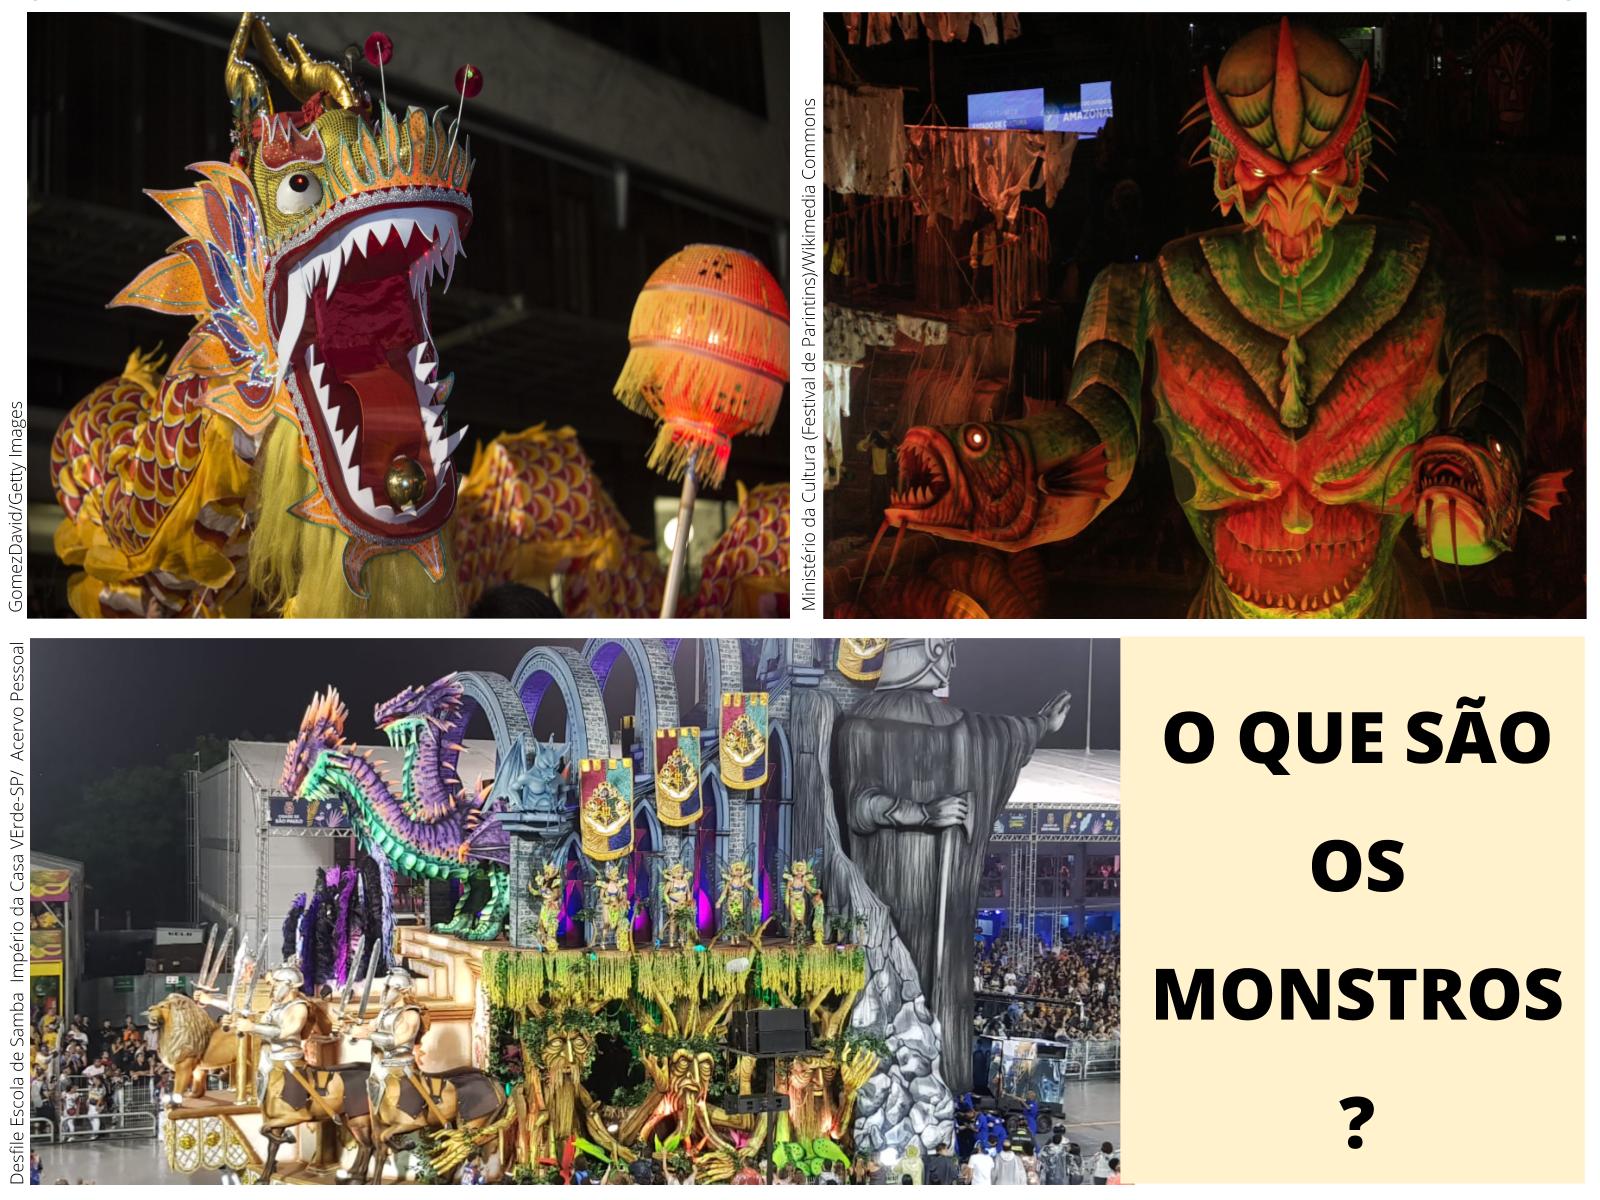 Monstros no imaginário medieval